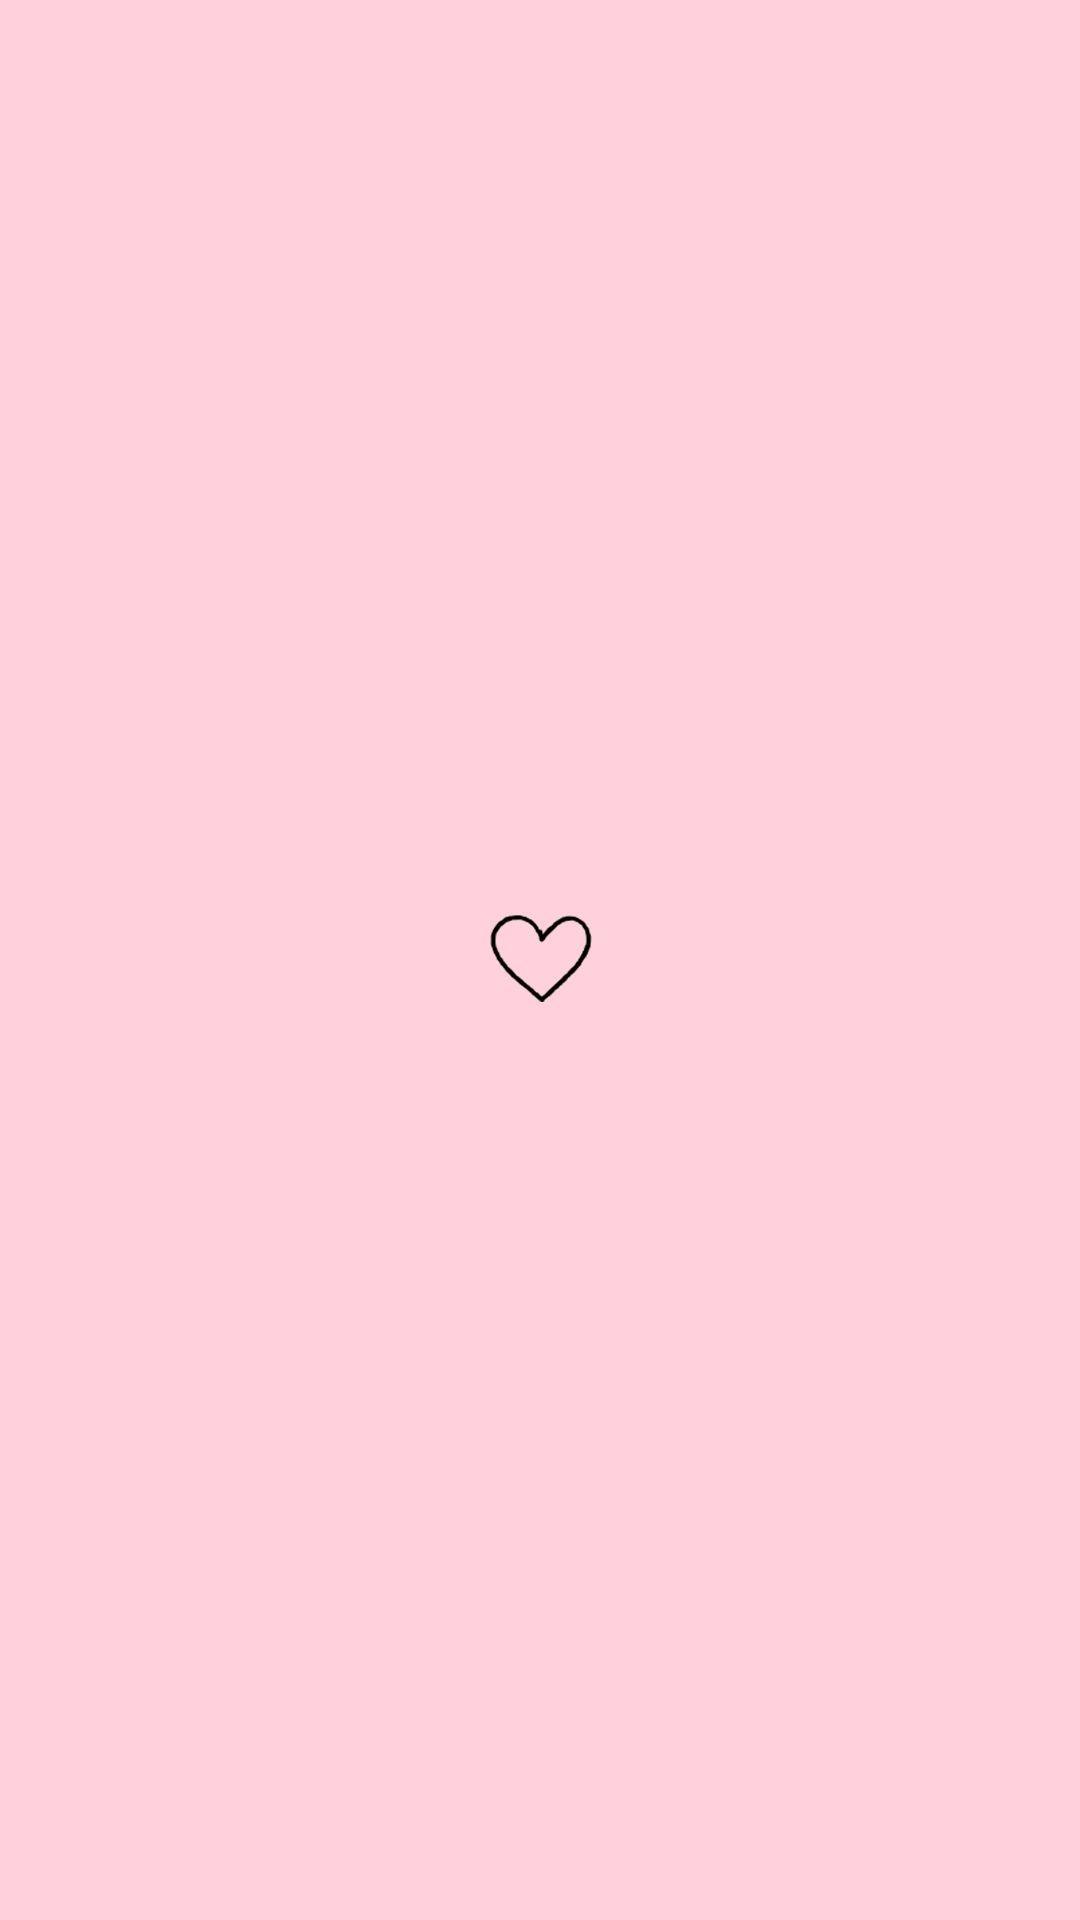 Instagram Wallpaper Instagram Instagram Instagram Heart Instagram Highlight Cover